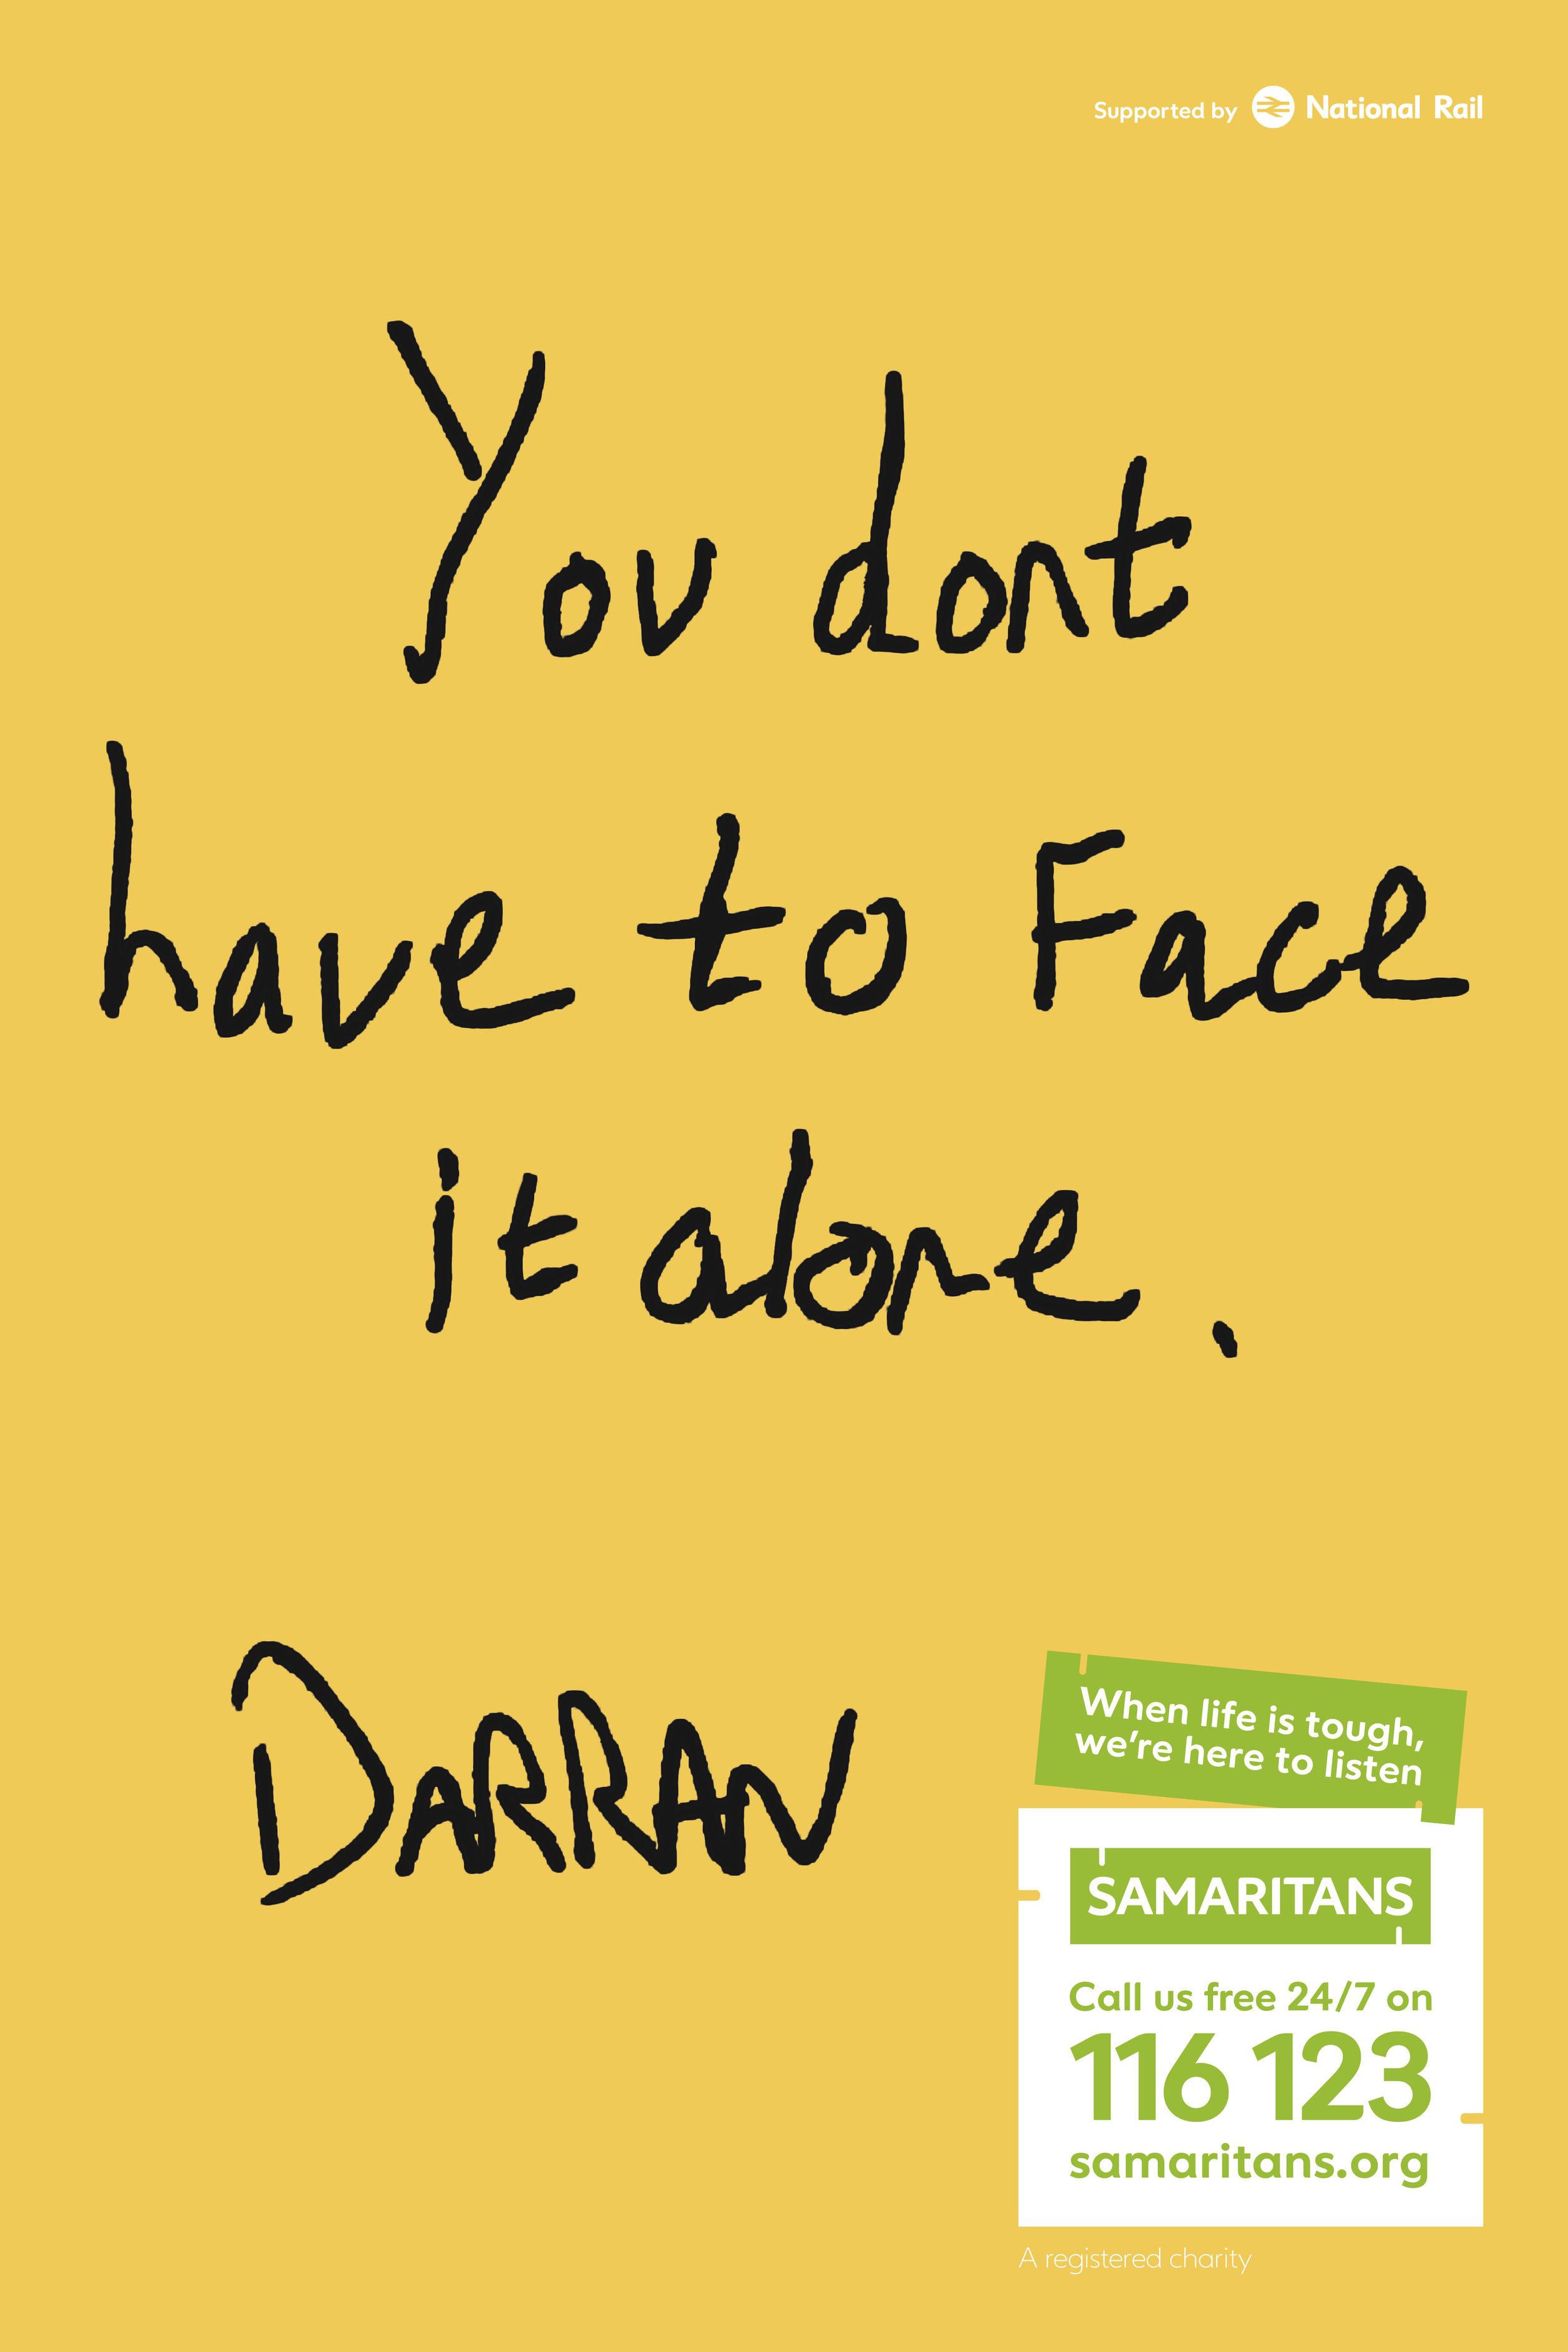 3. SAMARITANS Darran1.jpg